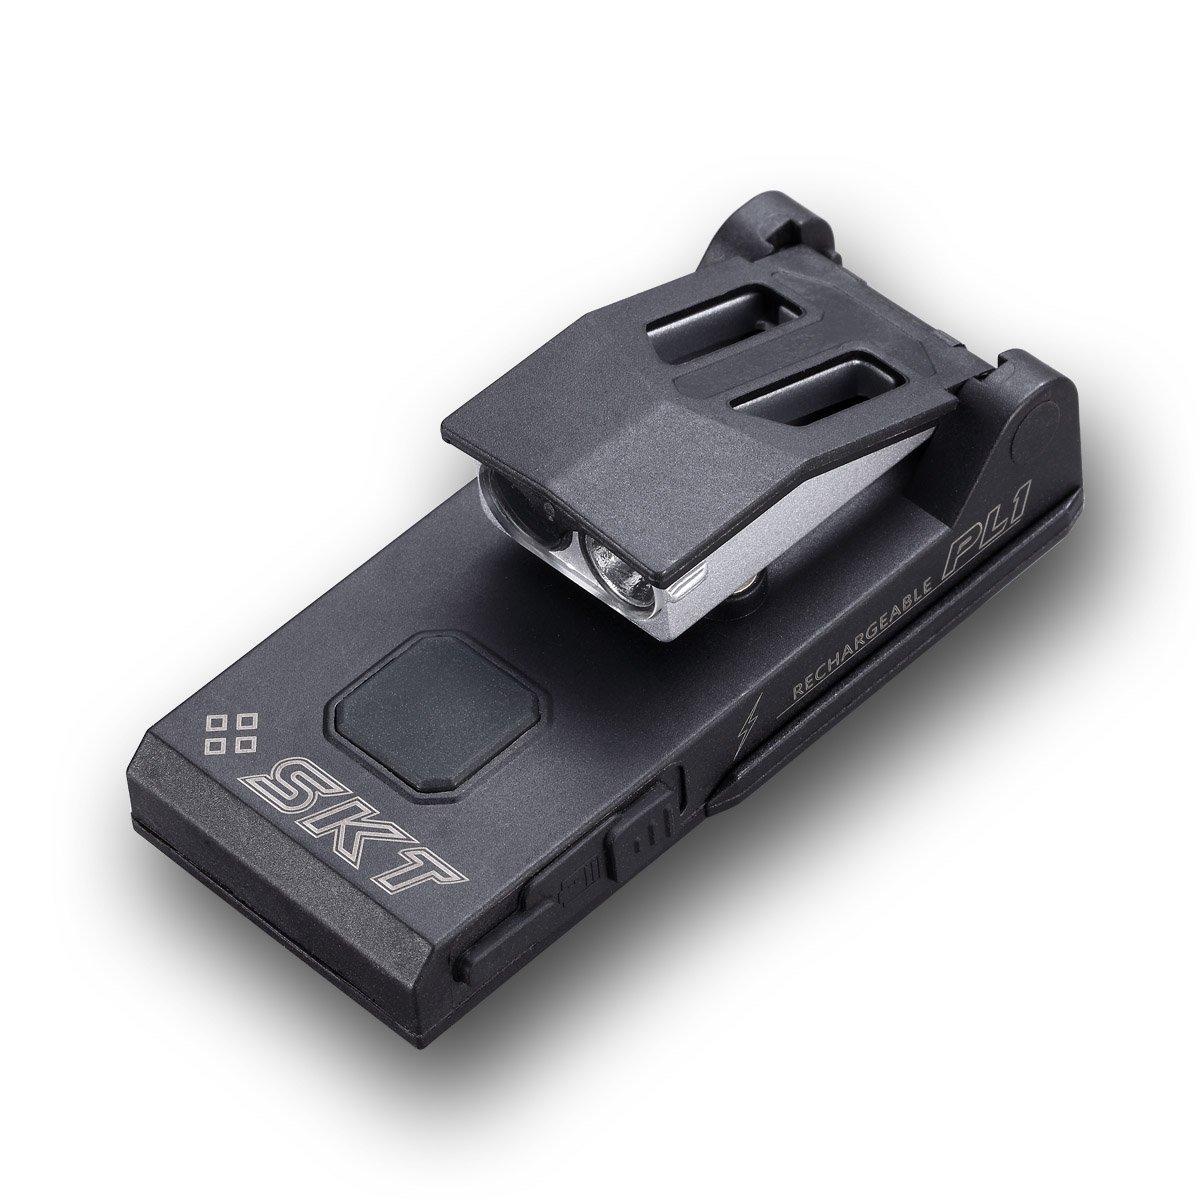 SkilHunt SKT PL1 Hands-Free Patrol Pocket Clips-on UV365nm led Police Cap Hat Shoulder Clip Money Detect USB Rechargeable Light Flashlight by SkilHunt